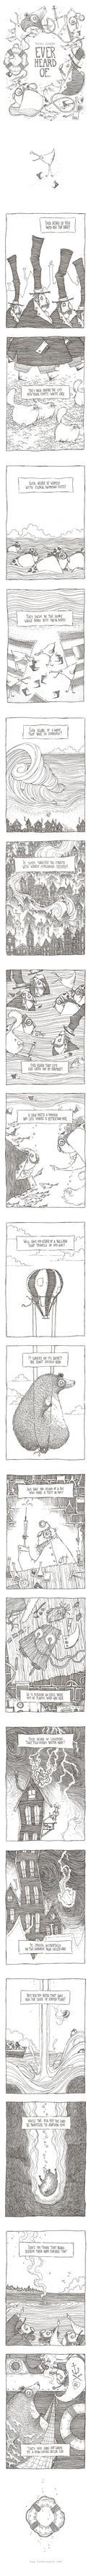 Ever heard of... by TeemuJuhani